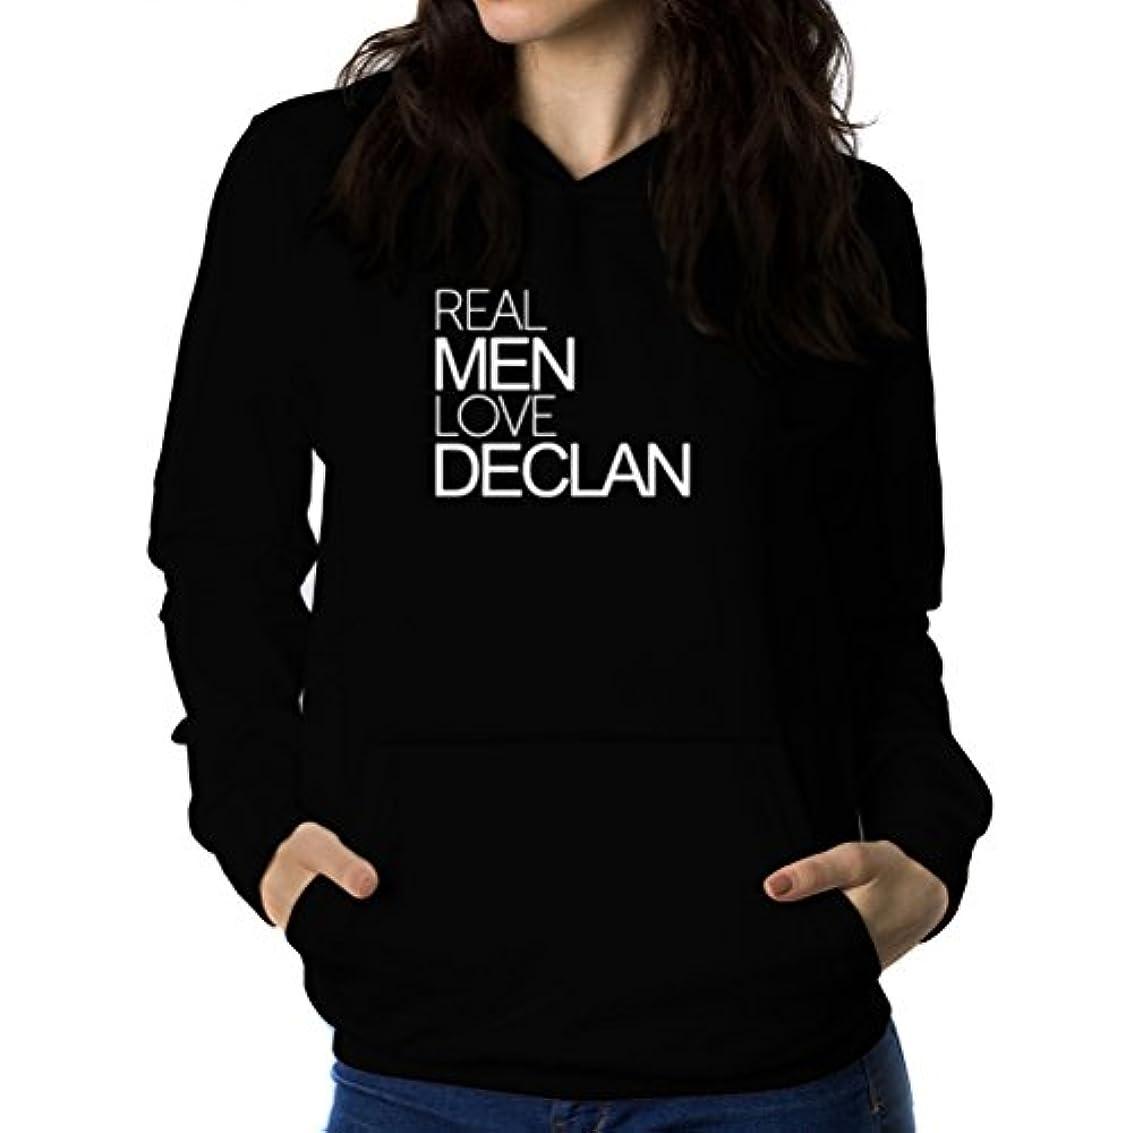 津波チップ損なうReal men love Declan 女性 フーディー